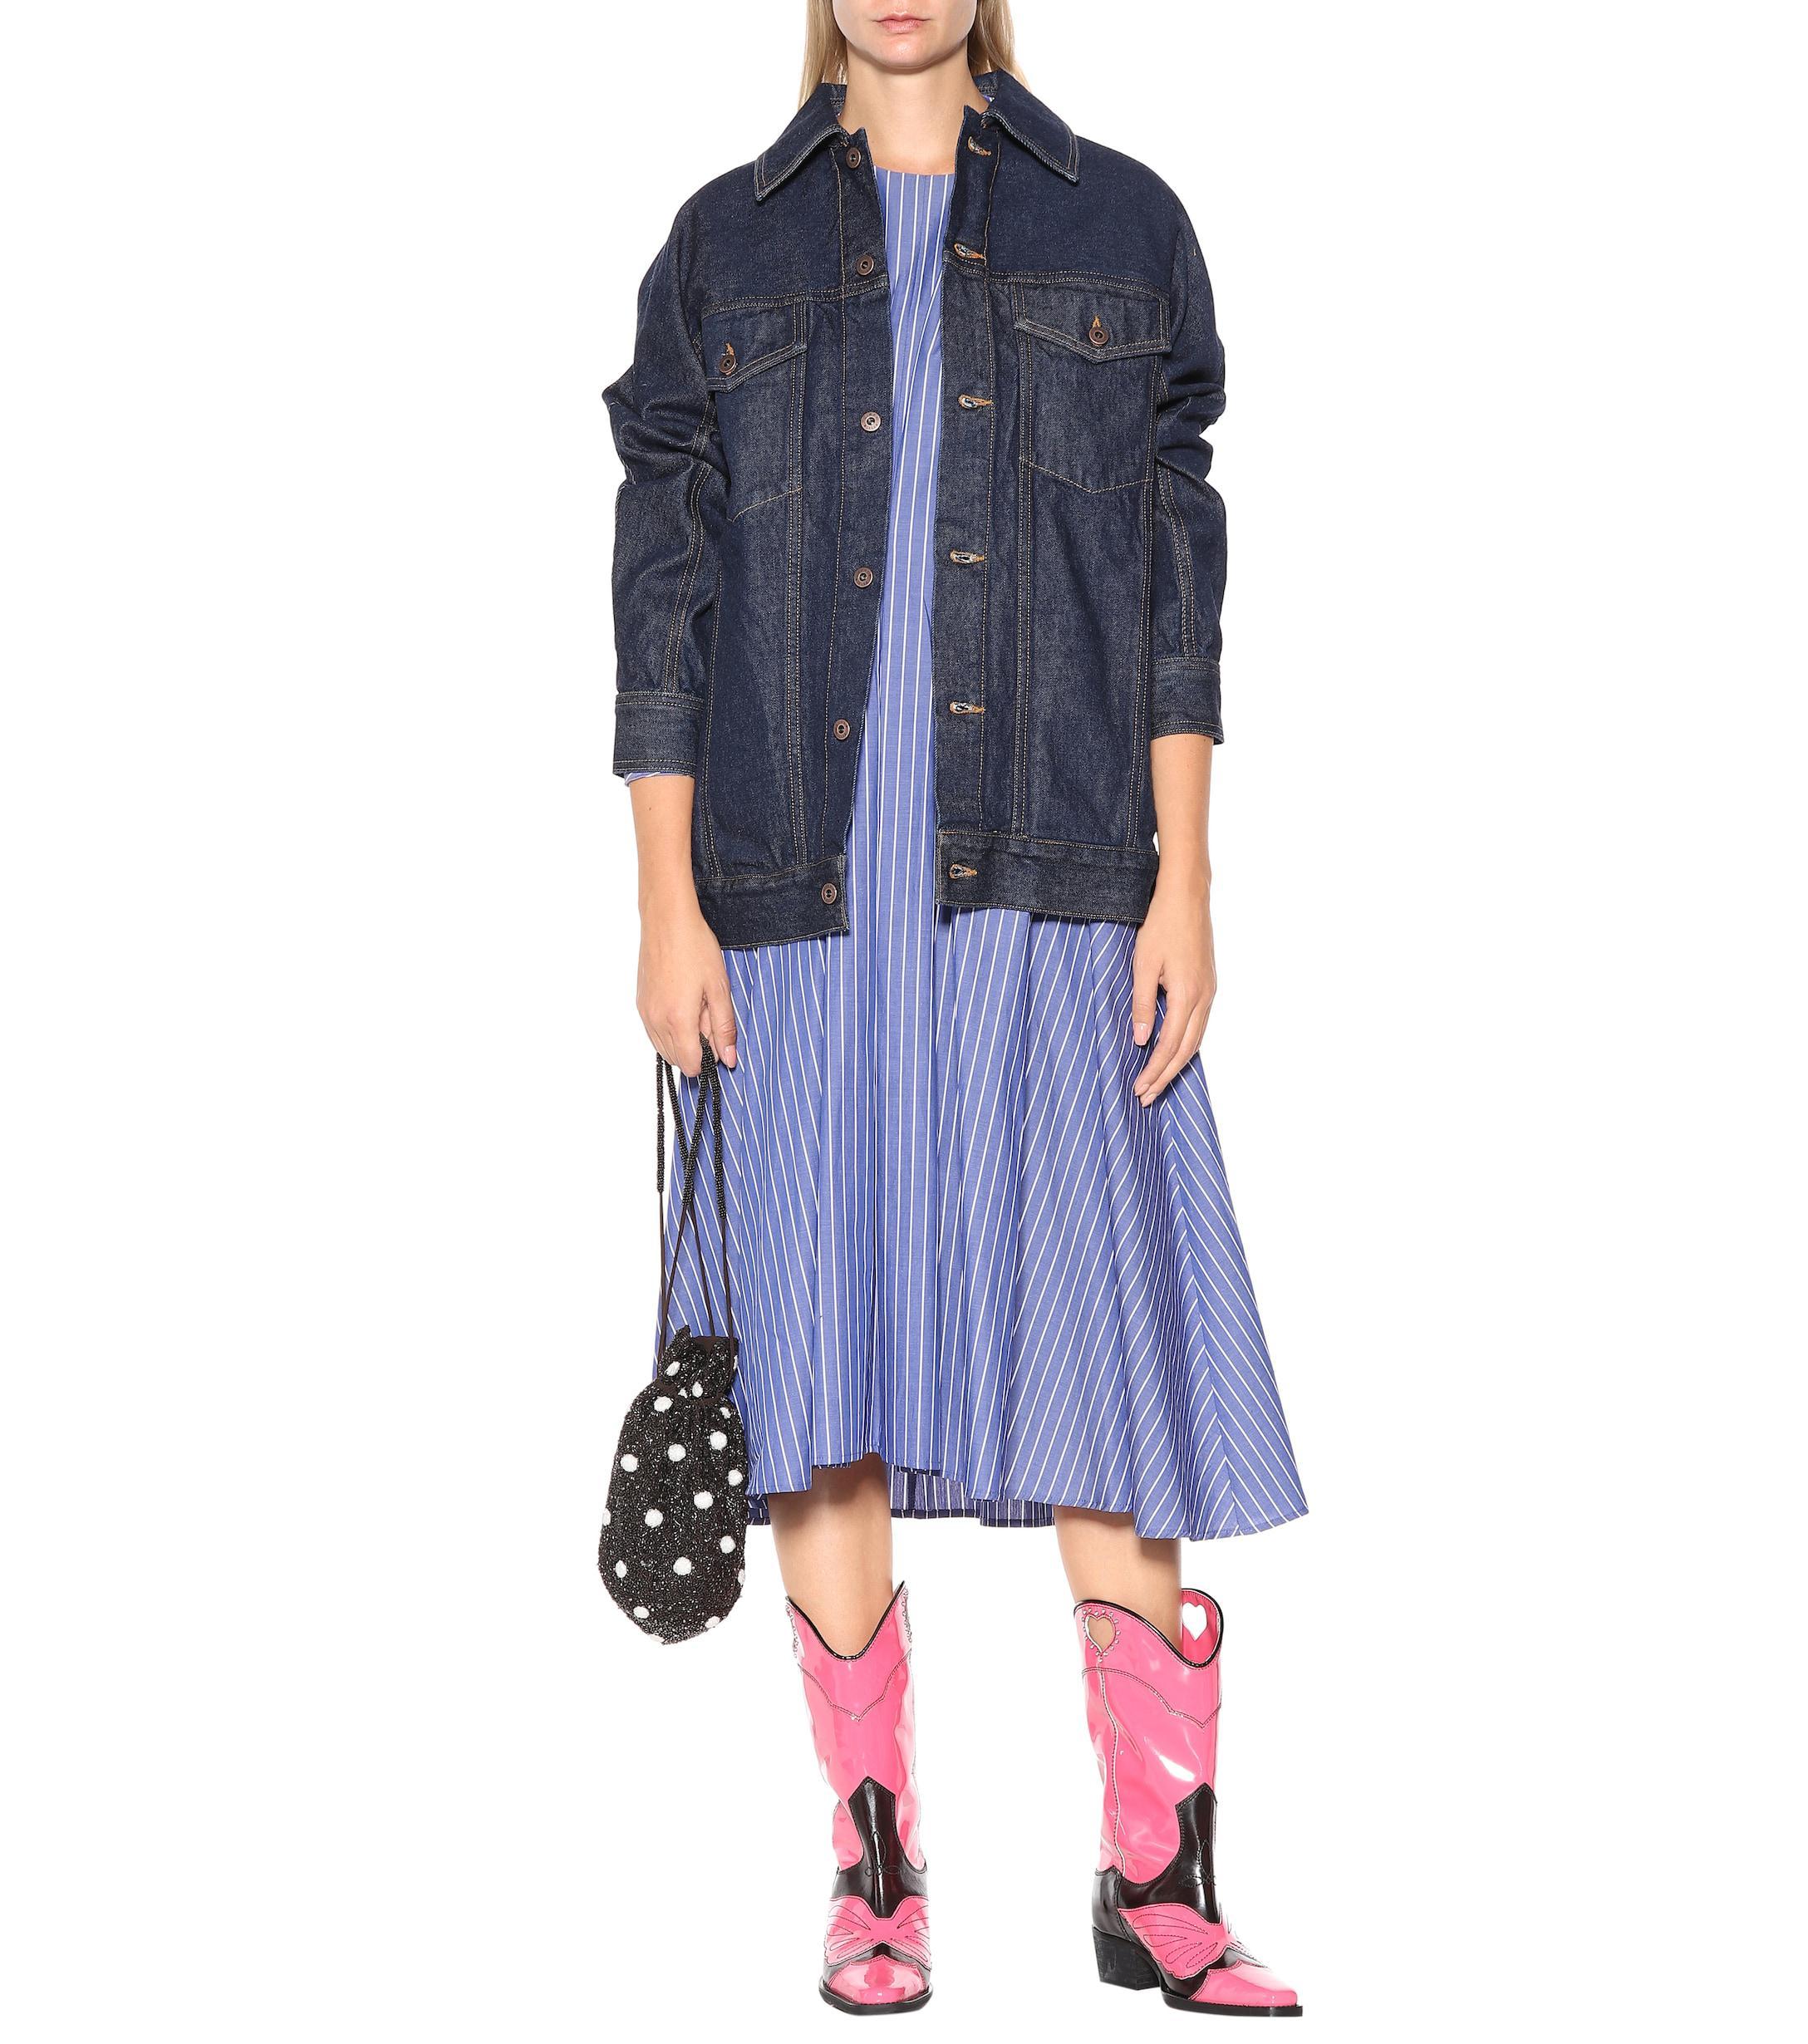 Ganni Cotton Denim Jumpsuit in Hot Pink